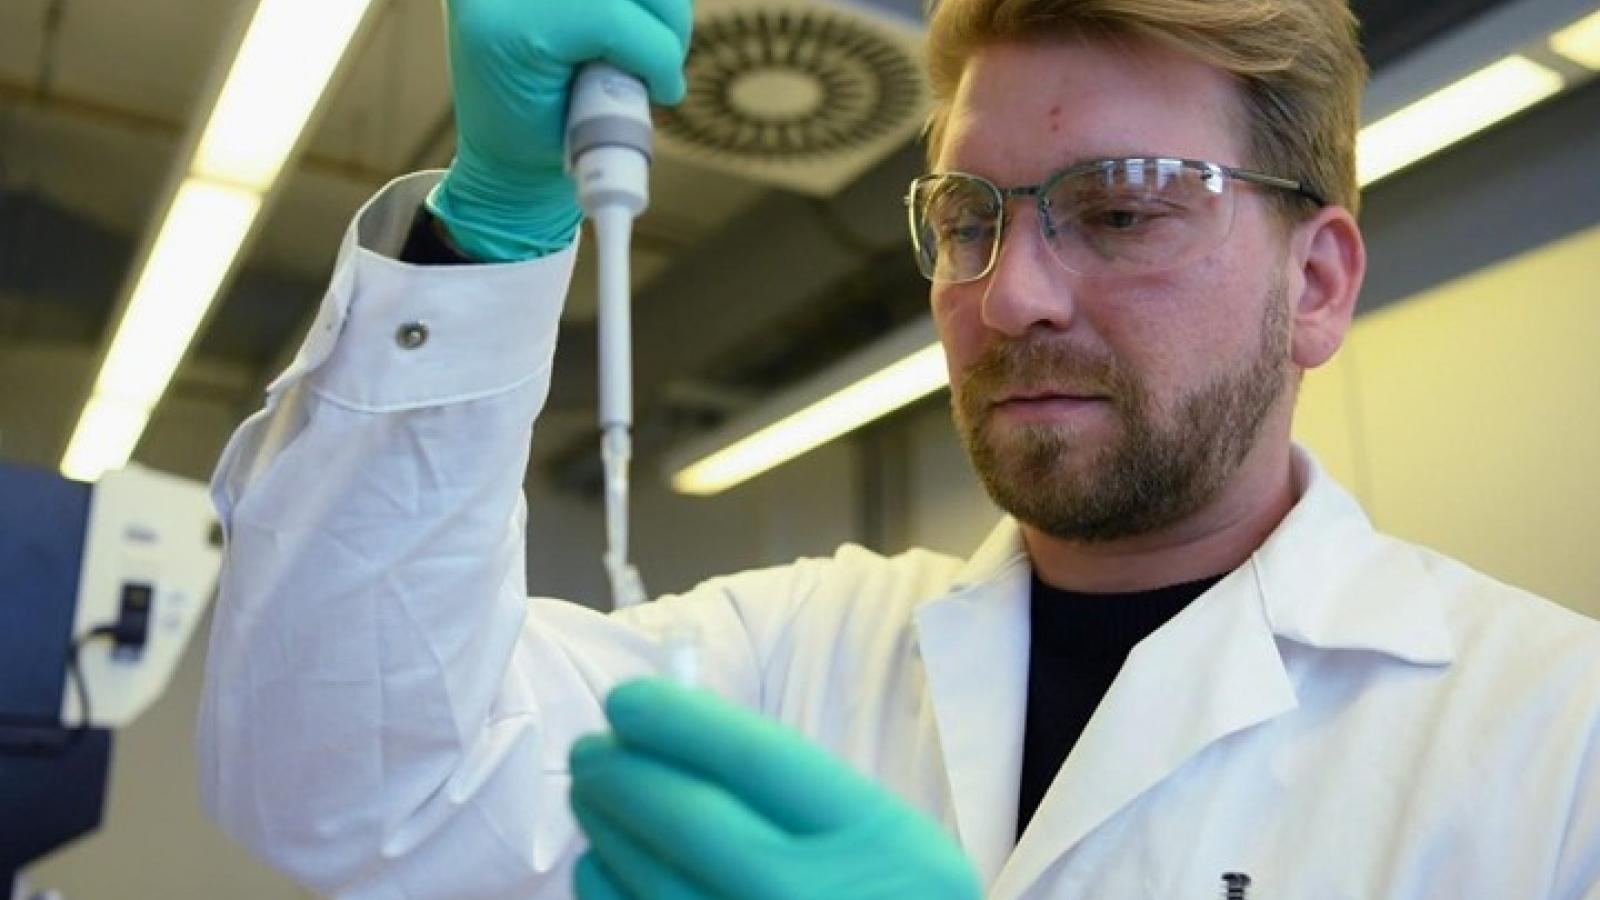 Hơn 300.000 người ở Mỹ sẽ được thử kháng thể chống Covid-19